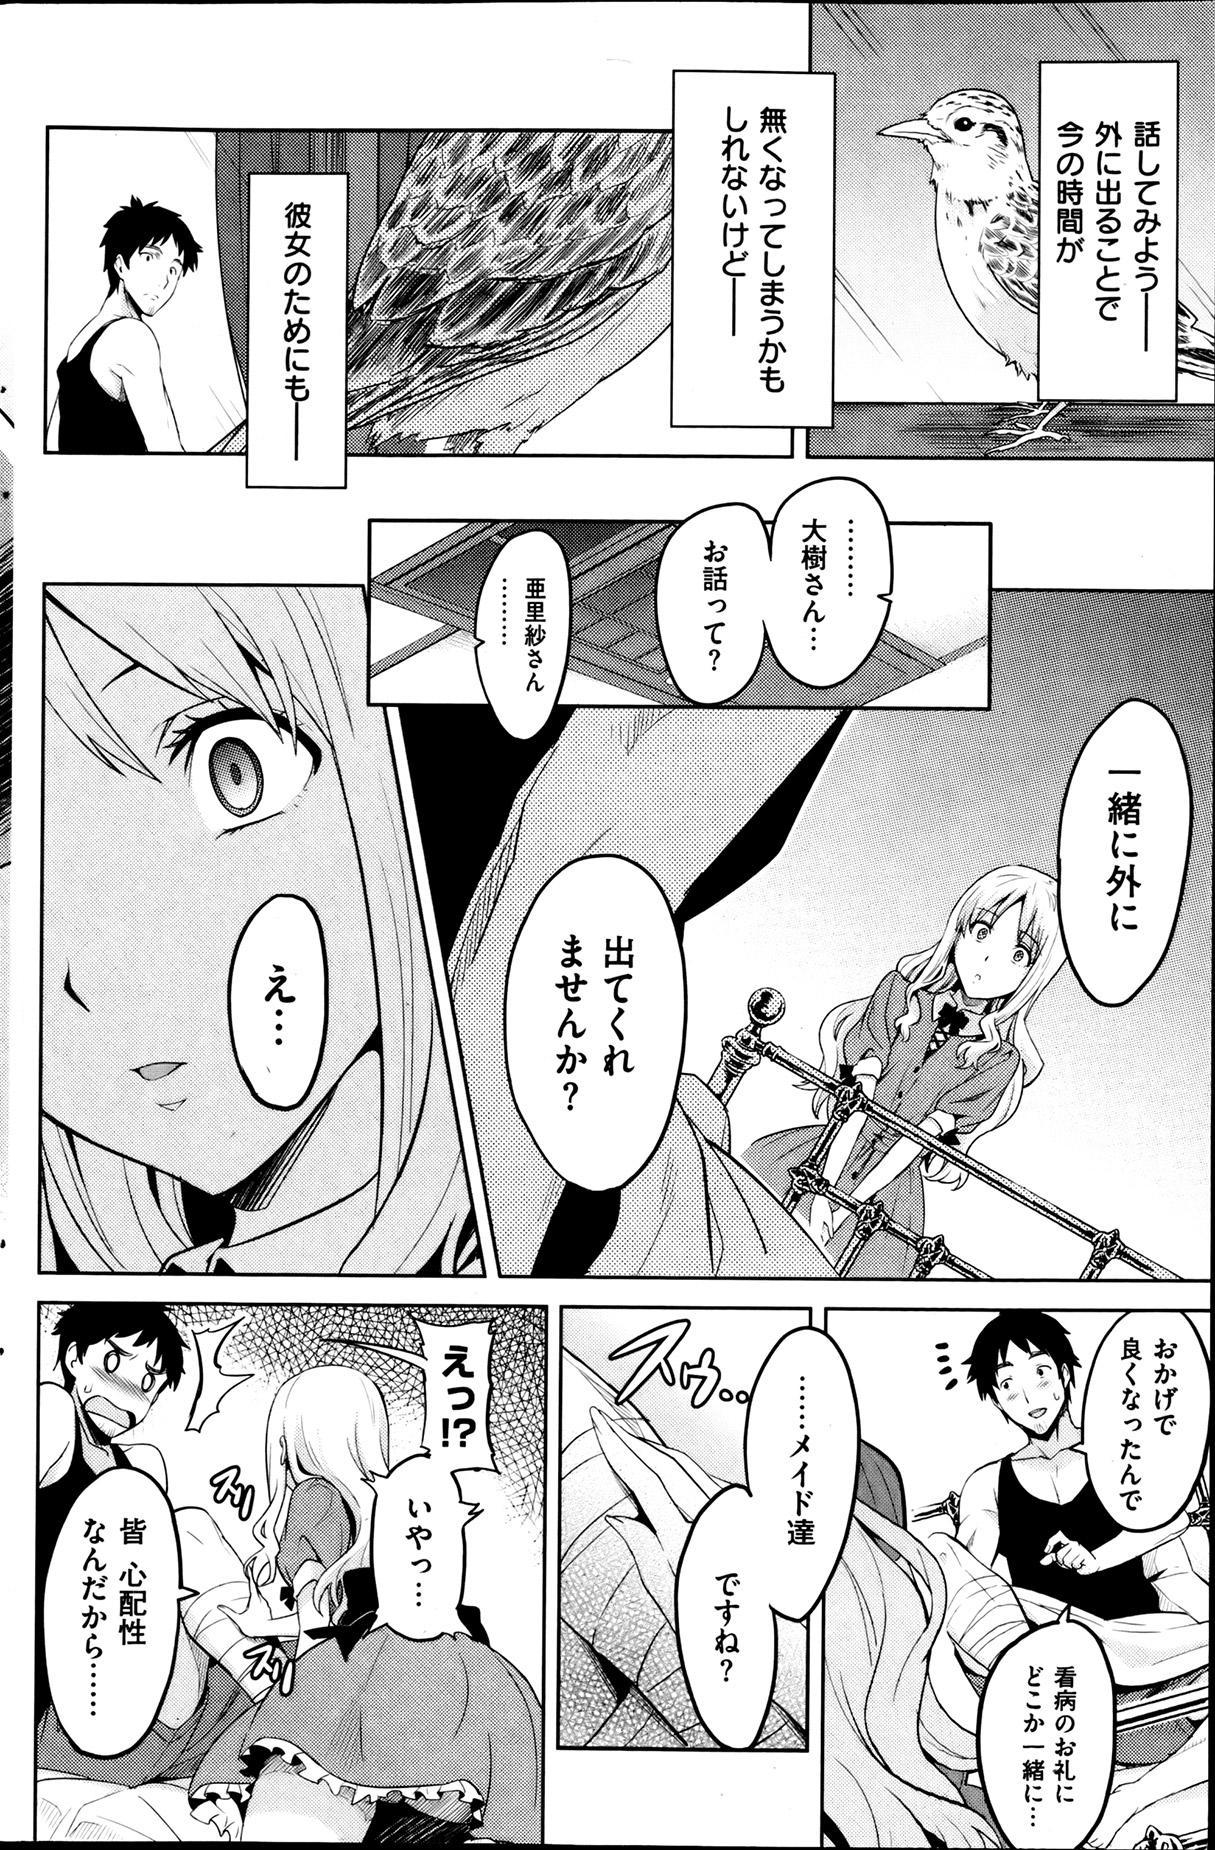 COMIC HANA-MAN 2013-08 Takeda Hiromitsu Tokushuu 151